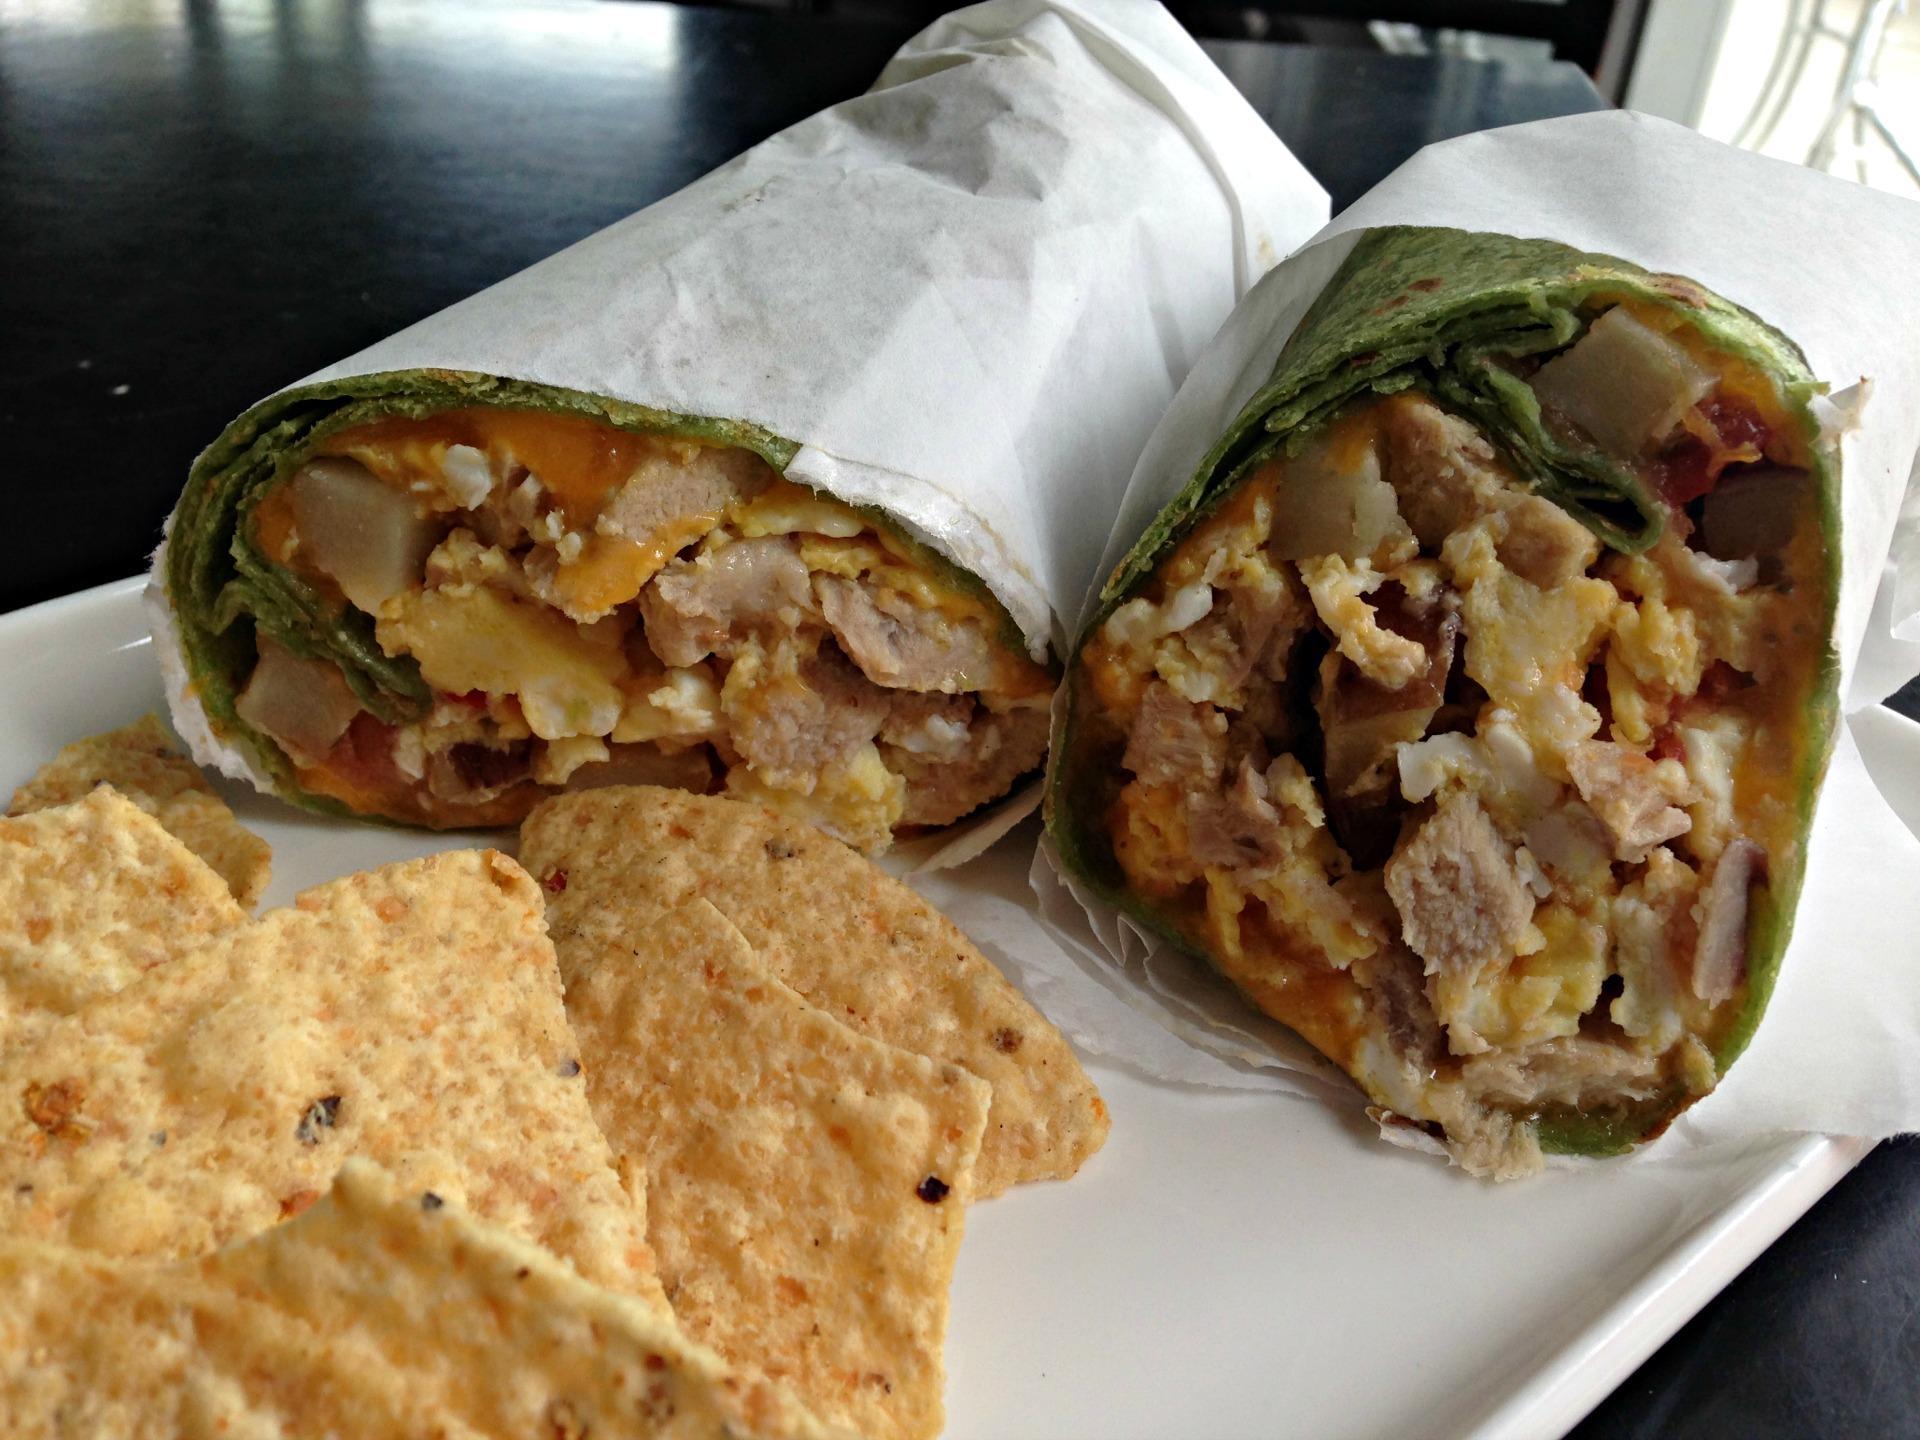 Pork breakfast burrito at Tribu Cafe.